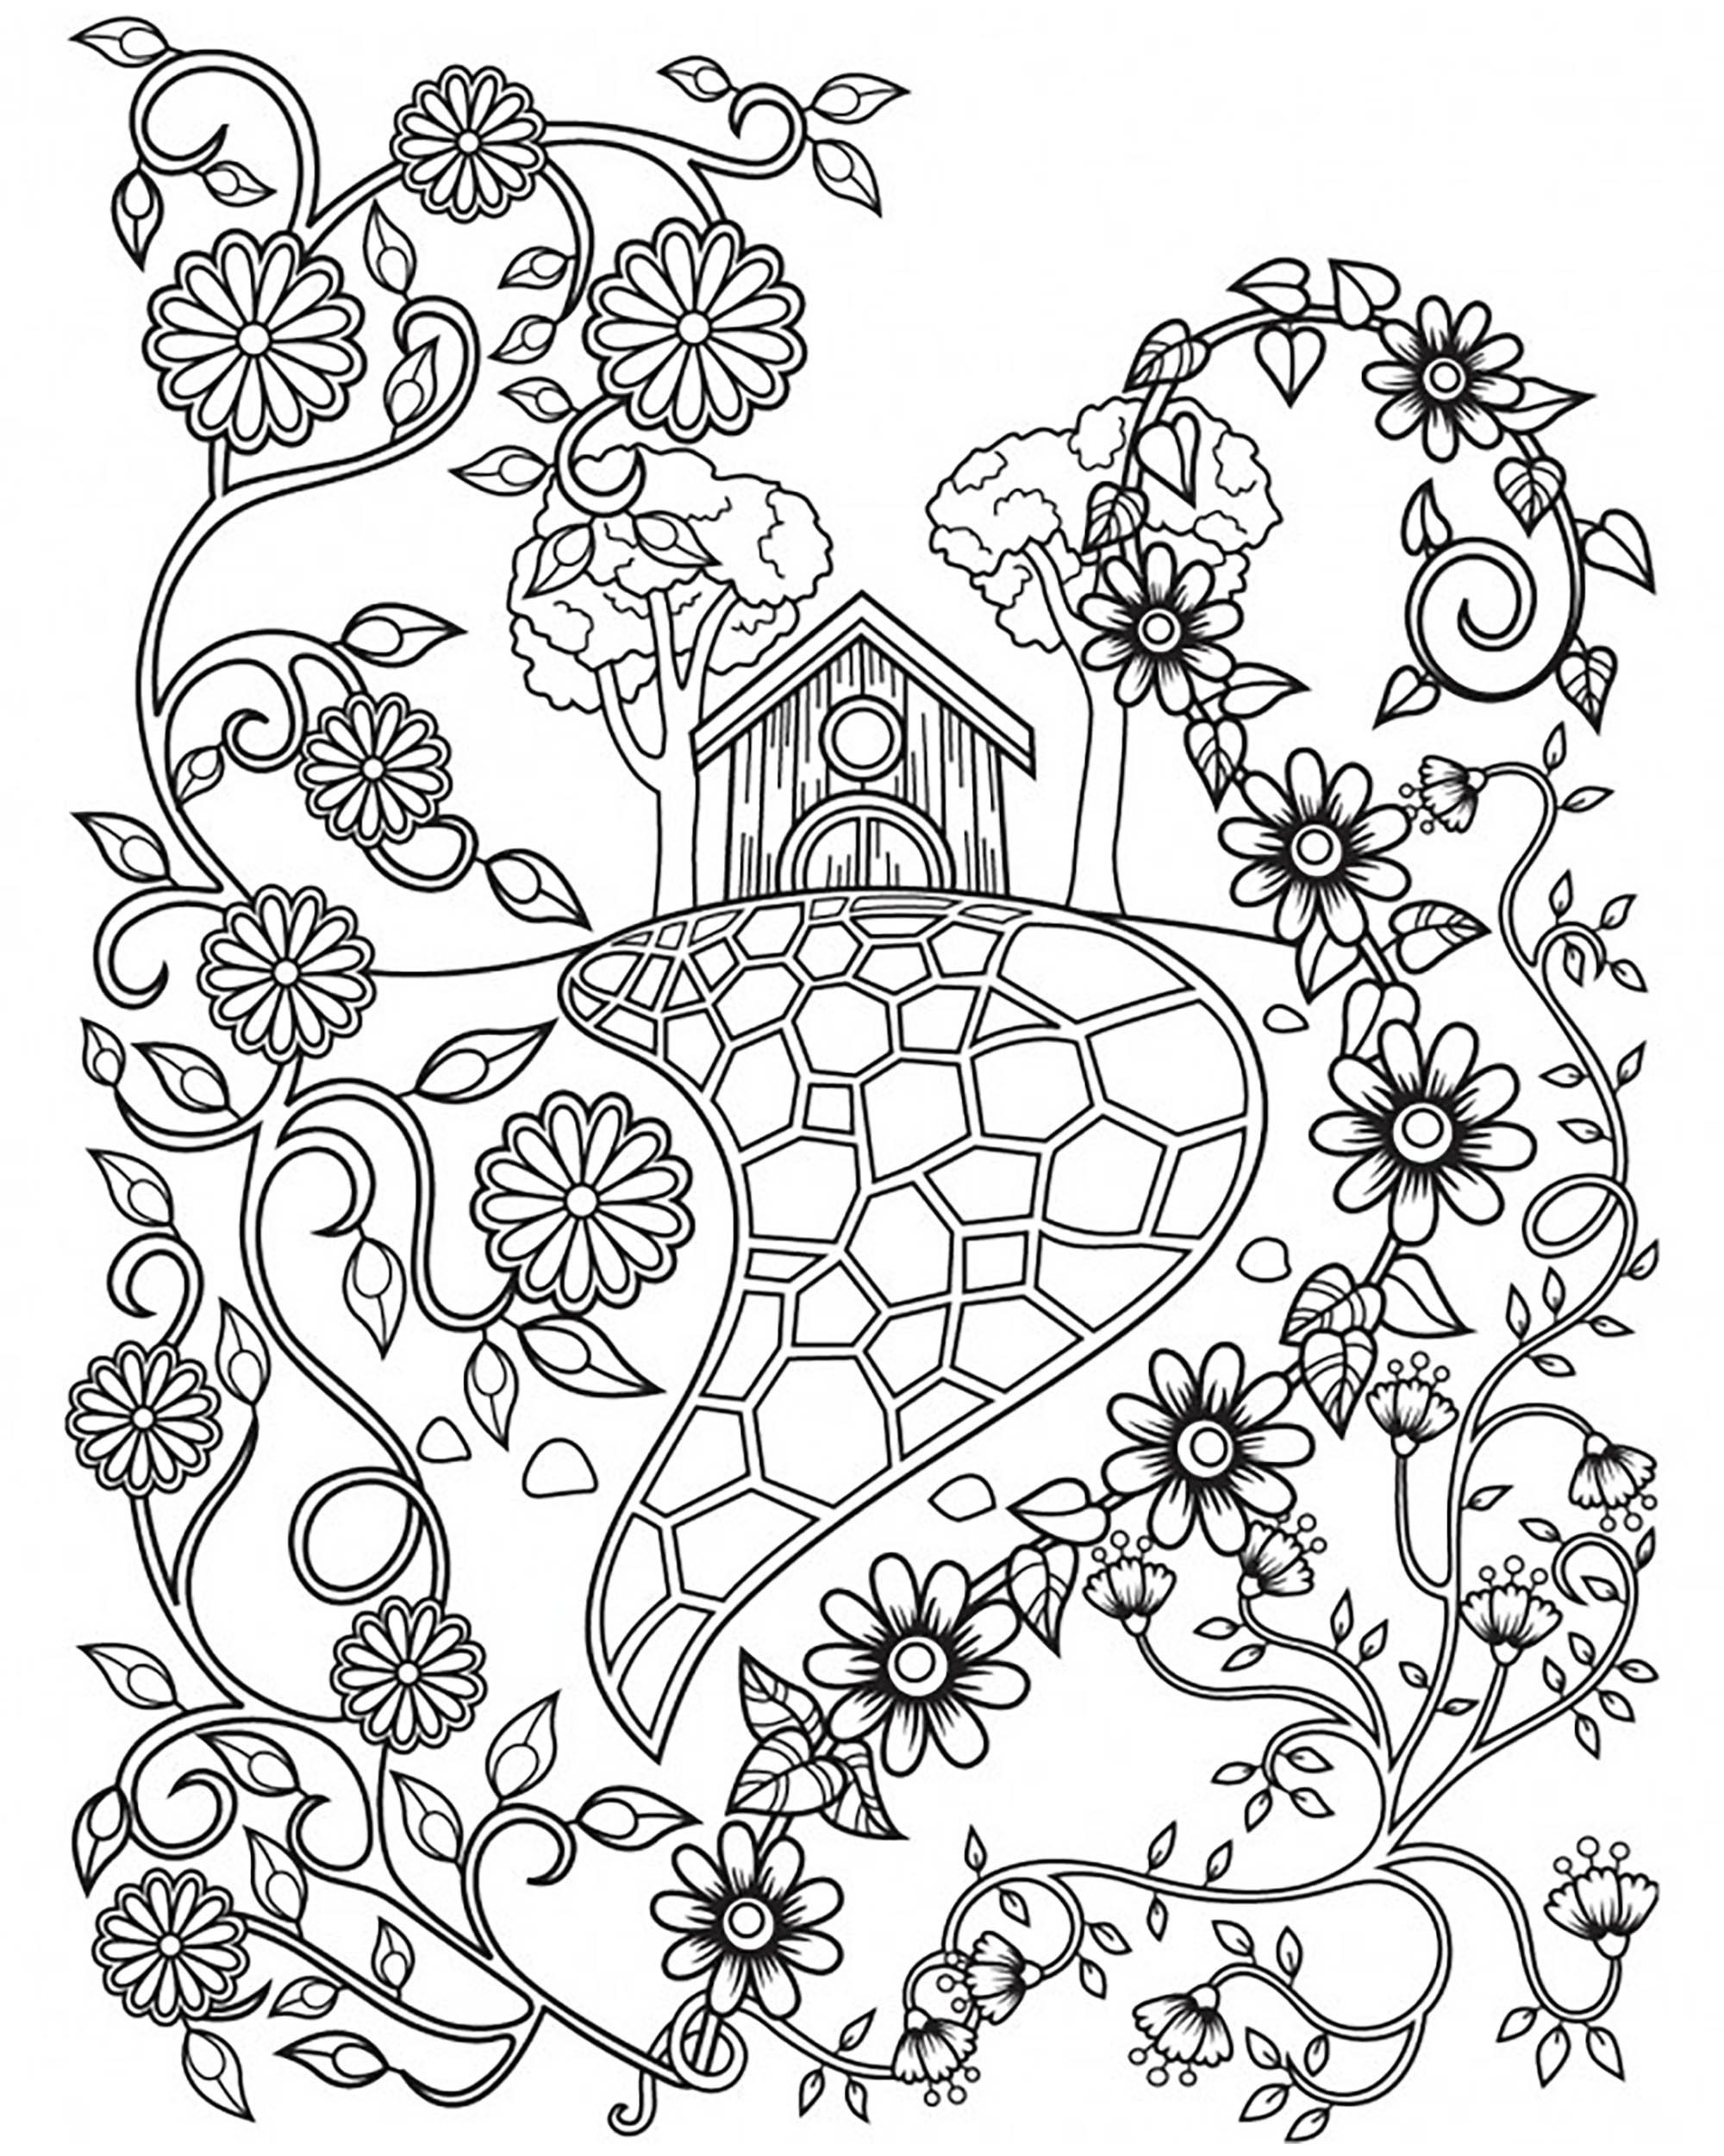 Colorear para adultos : Fairy tales - 19 - Esta imagen contiene : Hada, Casa